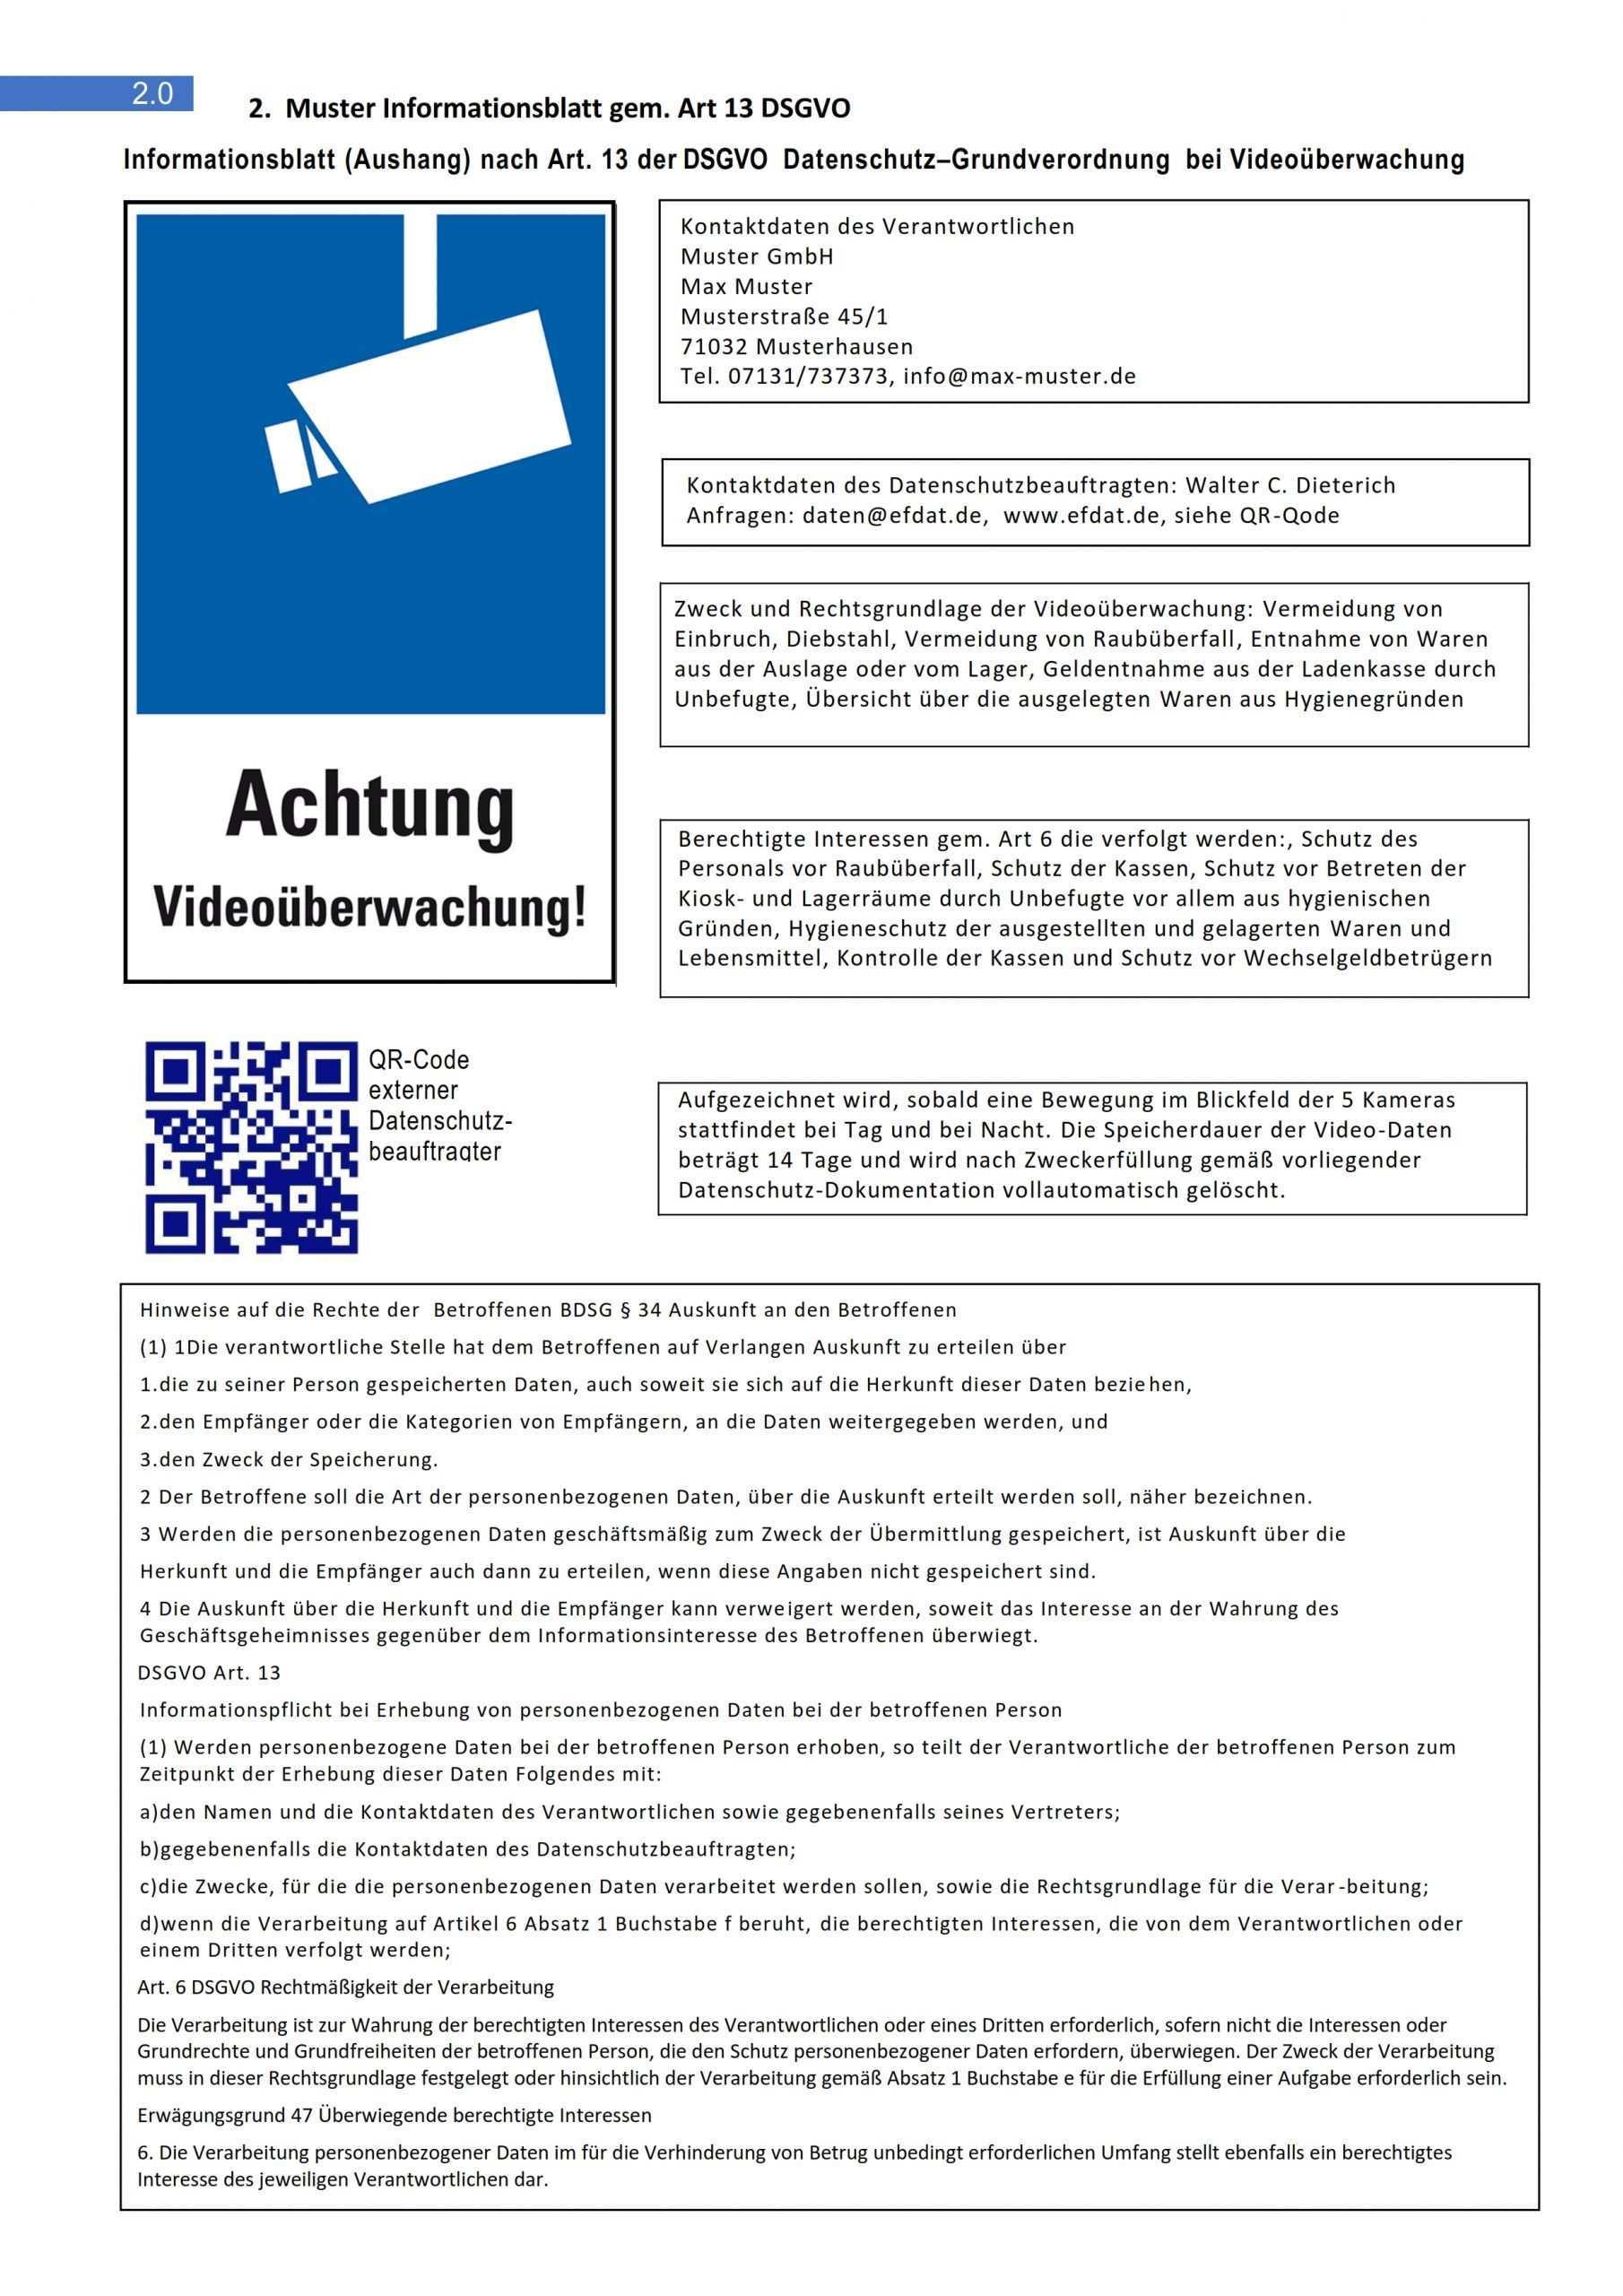 Hinweisschild Und Informationsaushang Gem Art 13 Efdat Institut